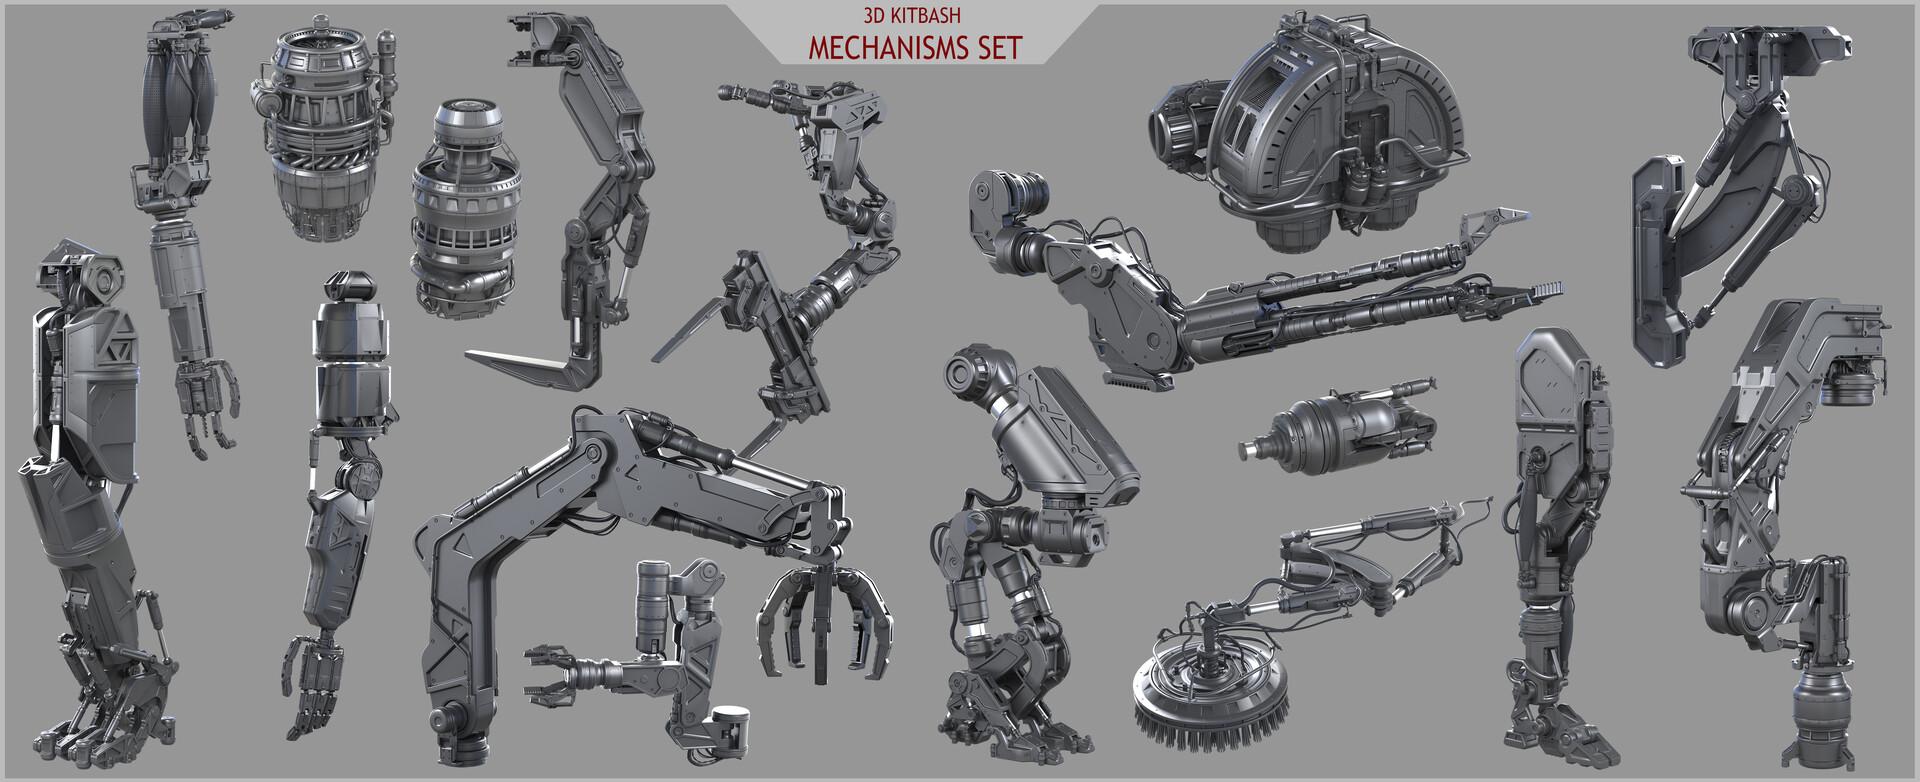 Eduard pronin power tech mechanisms set all pack